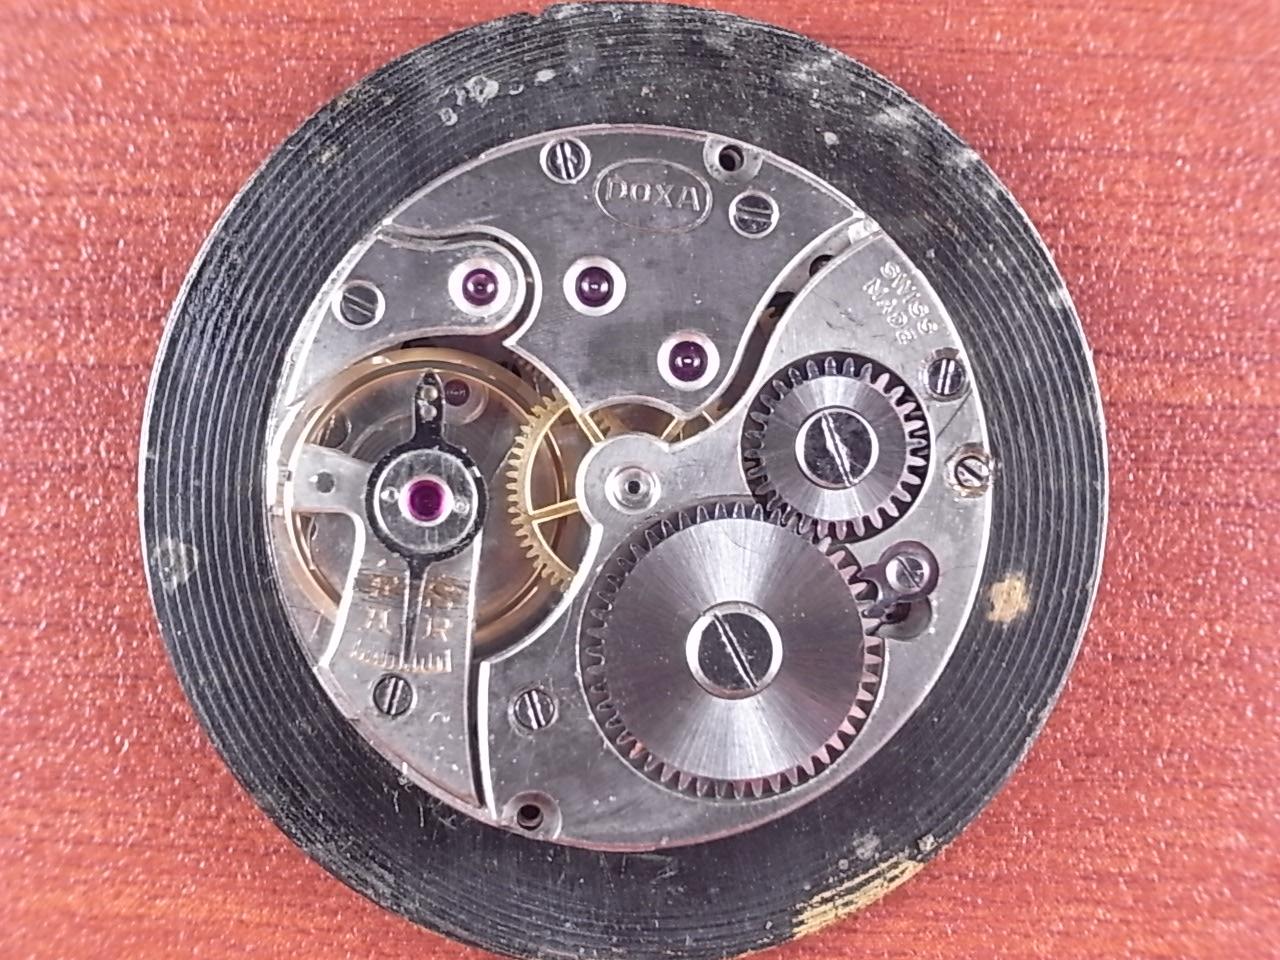 ドクサ アヴィエーションウォッチ ラージケース 1930年代の写真5枚目